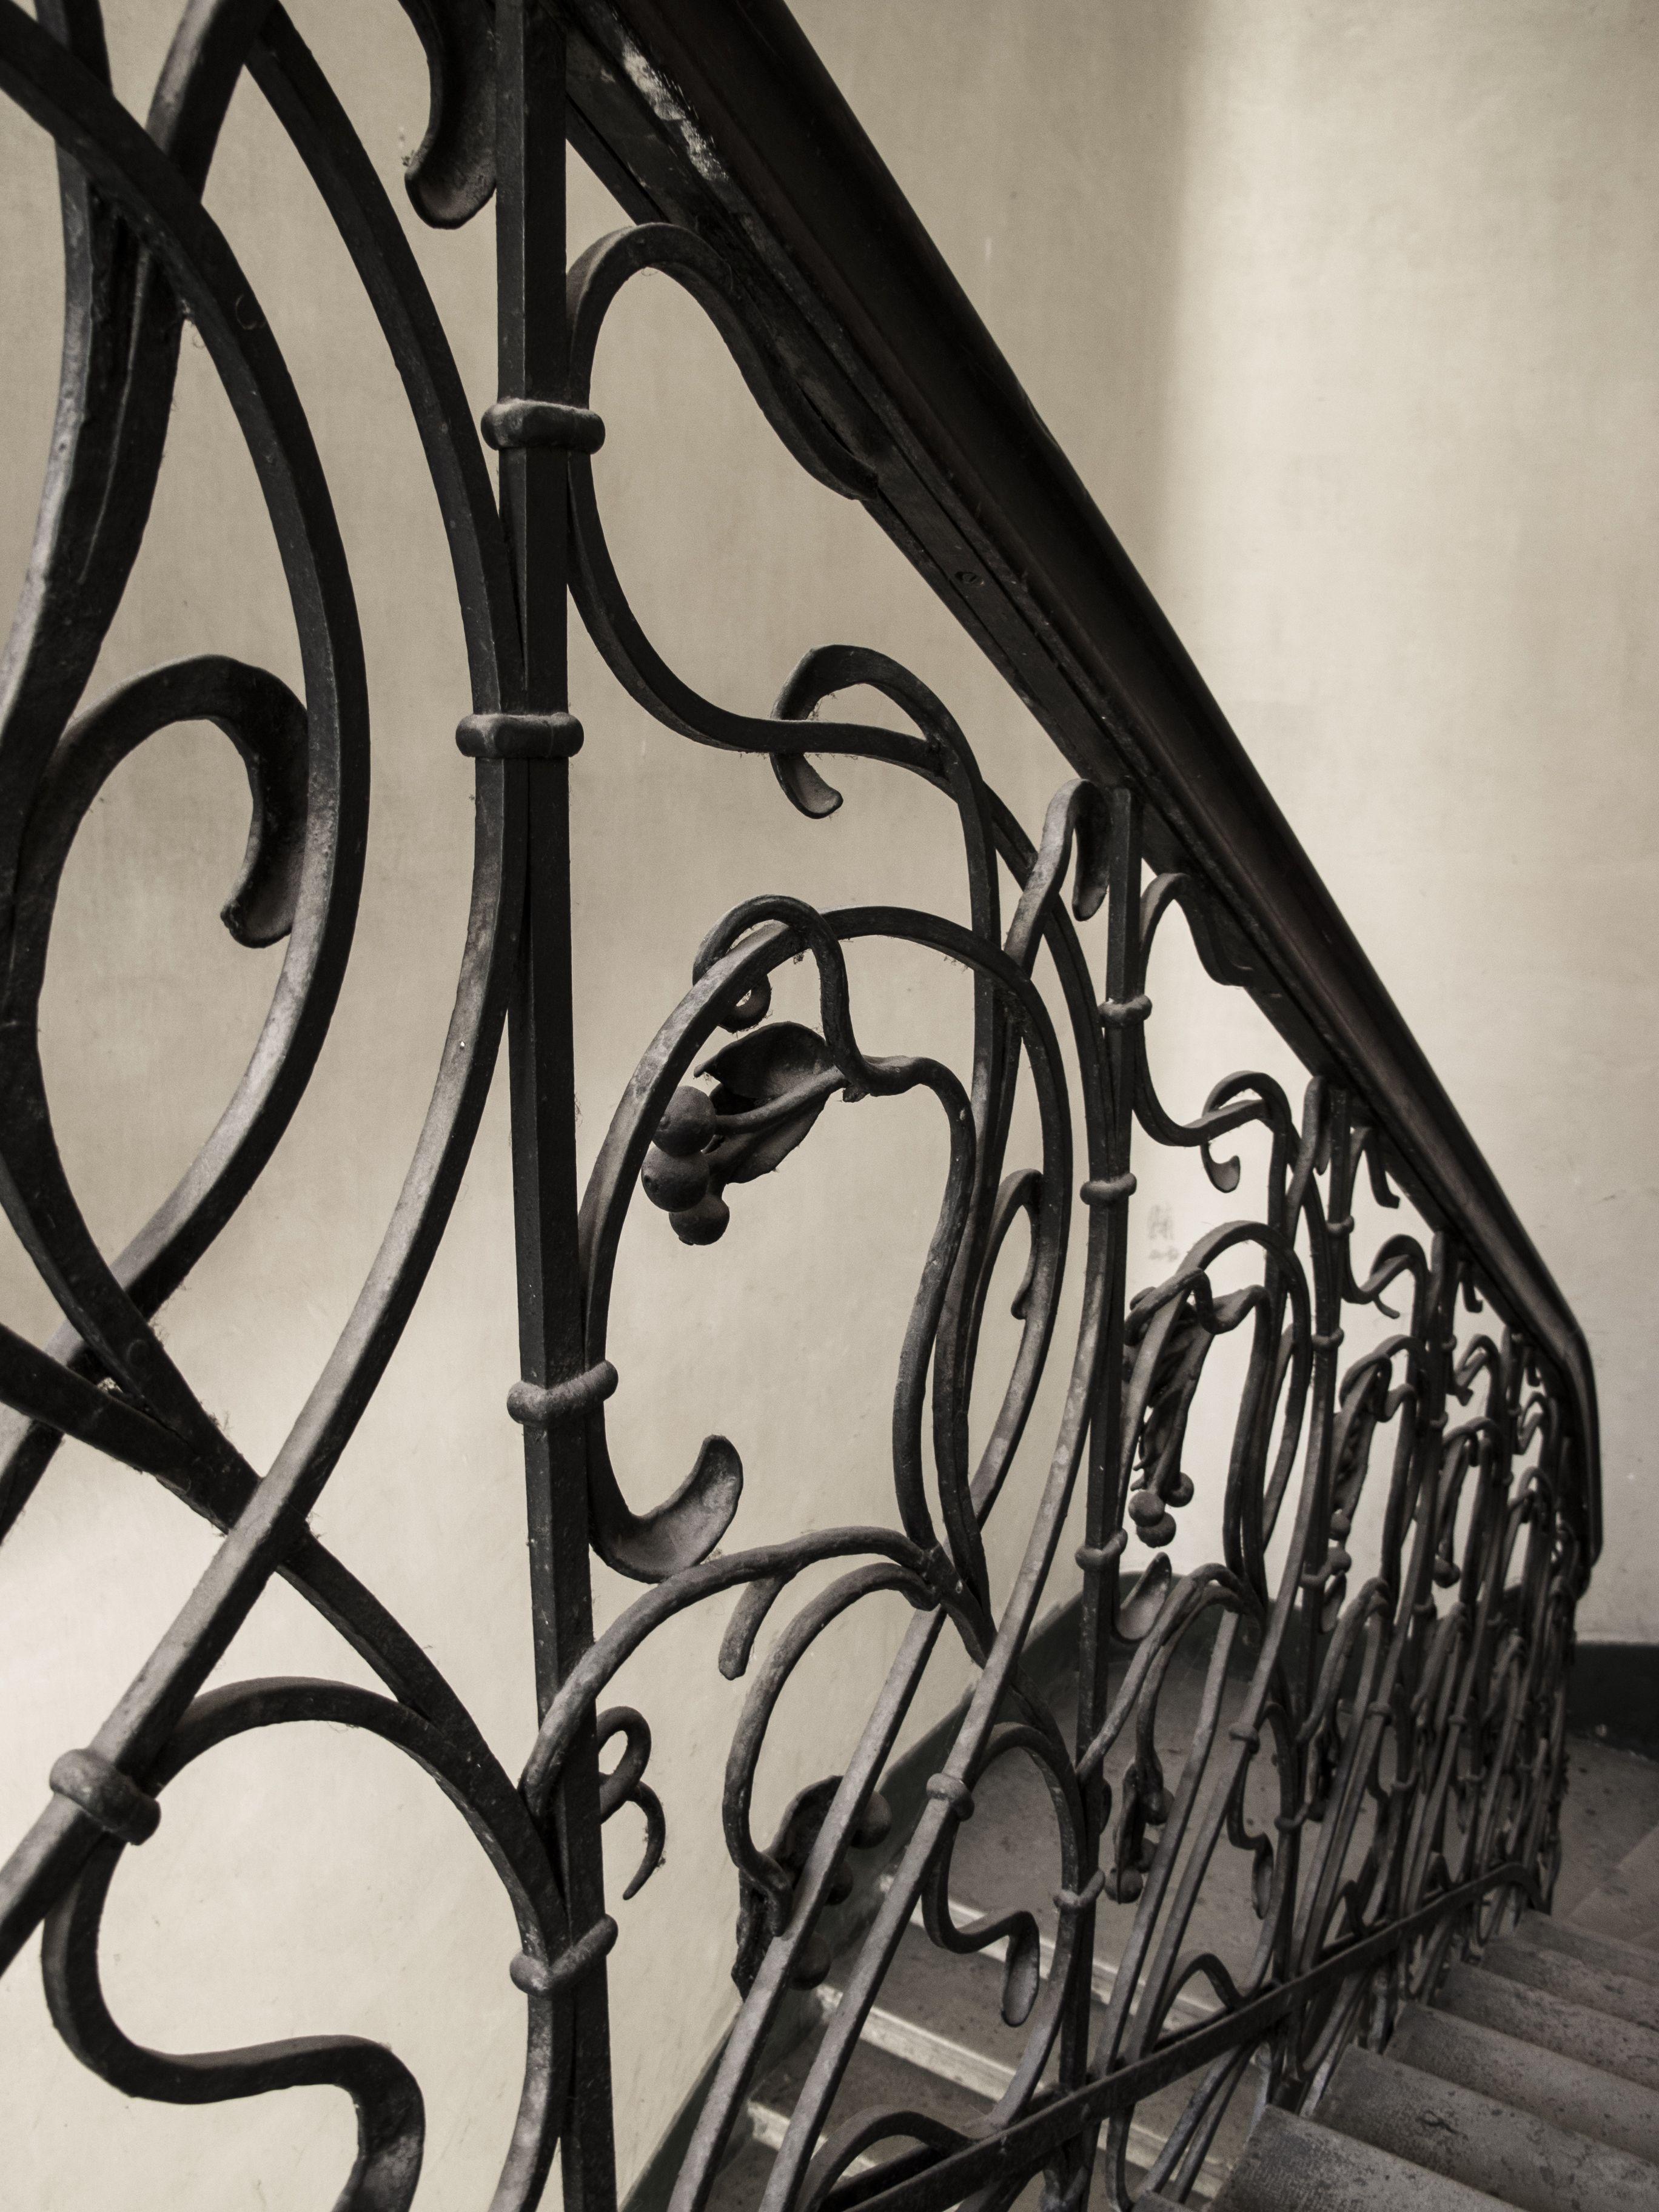 Simple Wrought Iron Interior Stair Railing Design Buy Interior